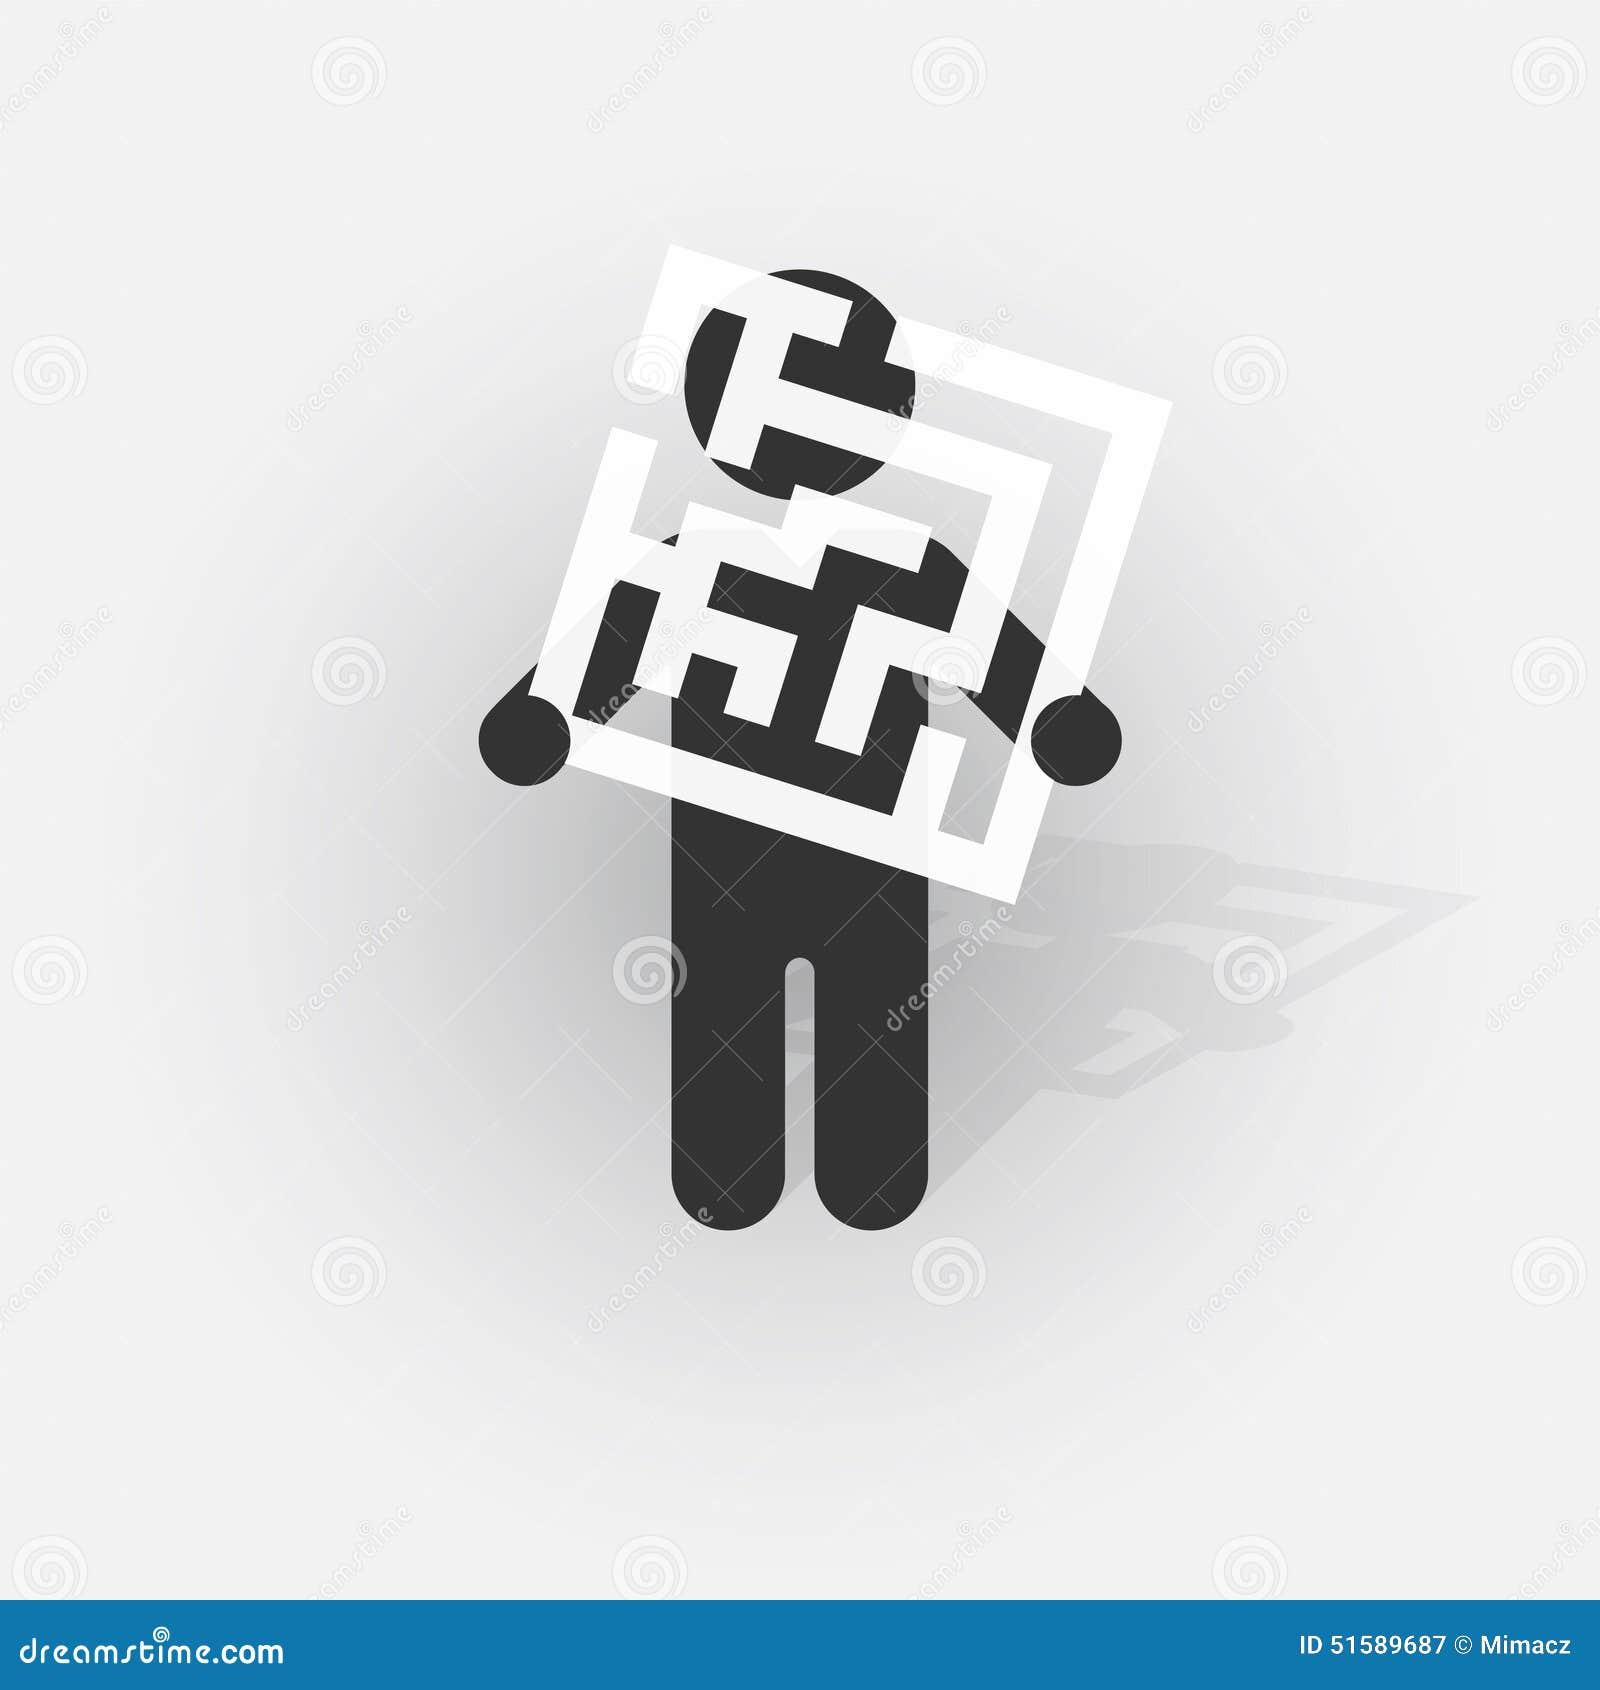 Silueta negra de un hombre con una muestra con un pequeño laberinto